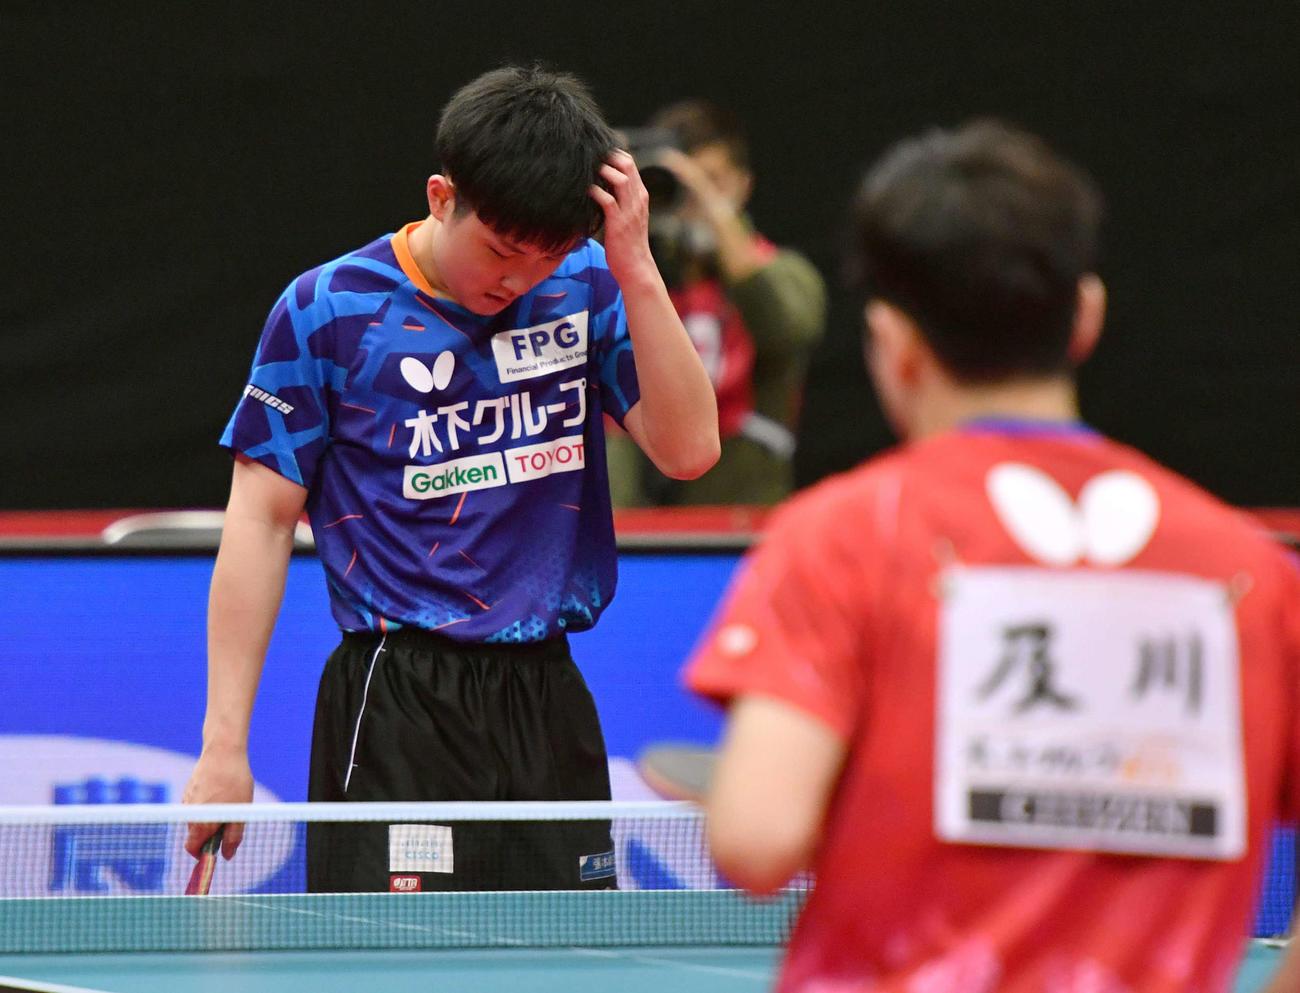 全日本卓球選手権男子シングルス準々決勝 ミスで失点し頭を抱える張本智和、右は及川瑞基(撮影・岩下翔太)